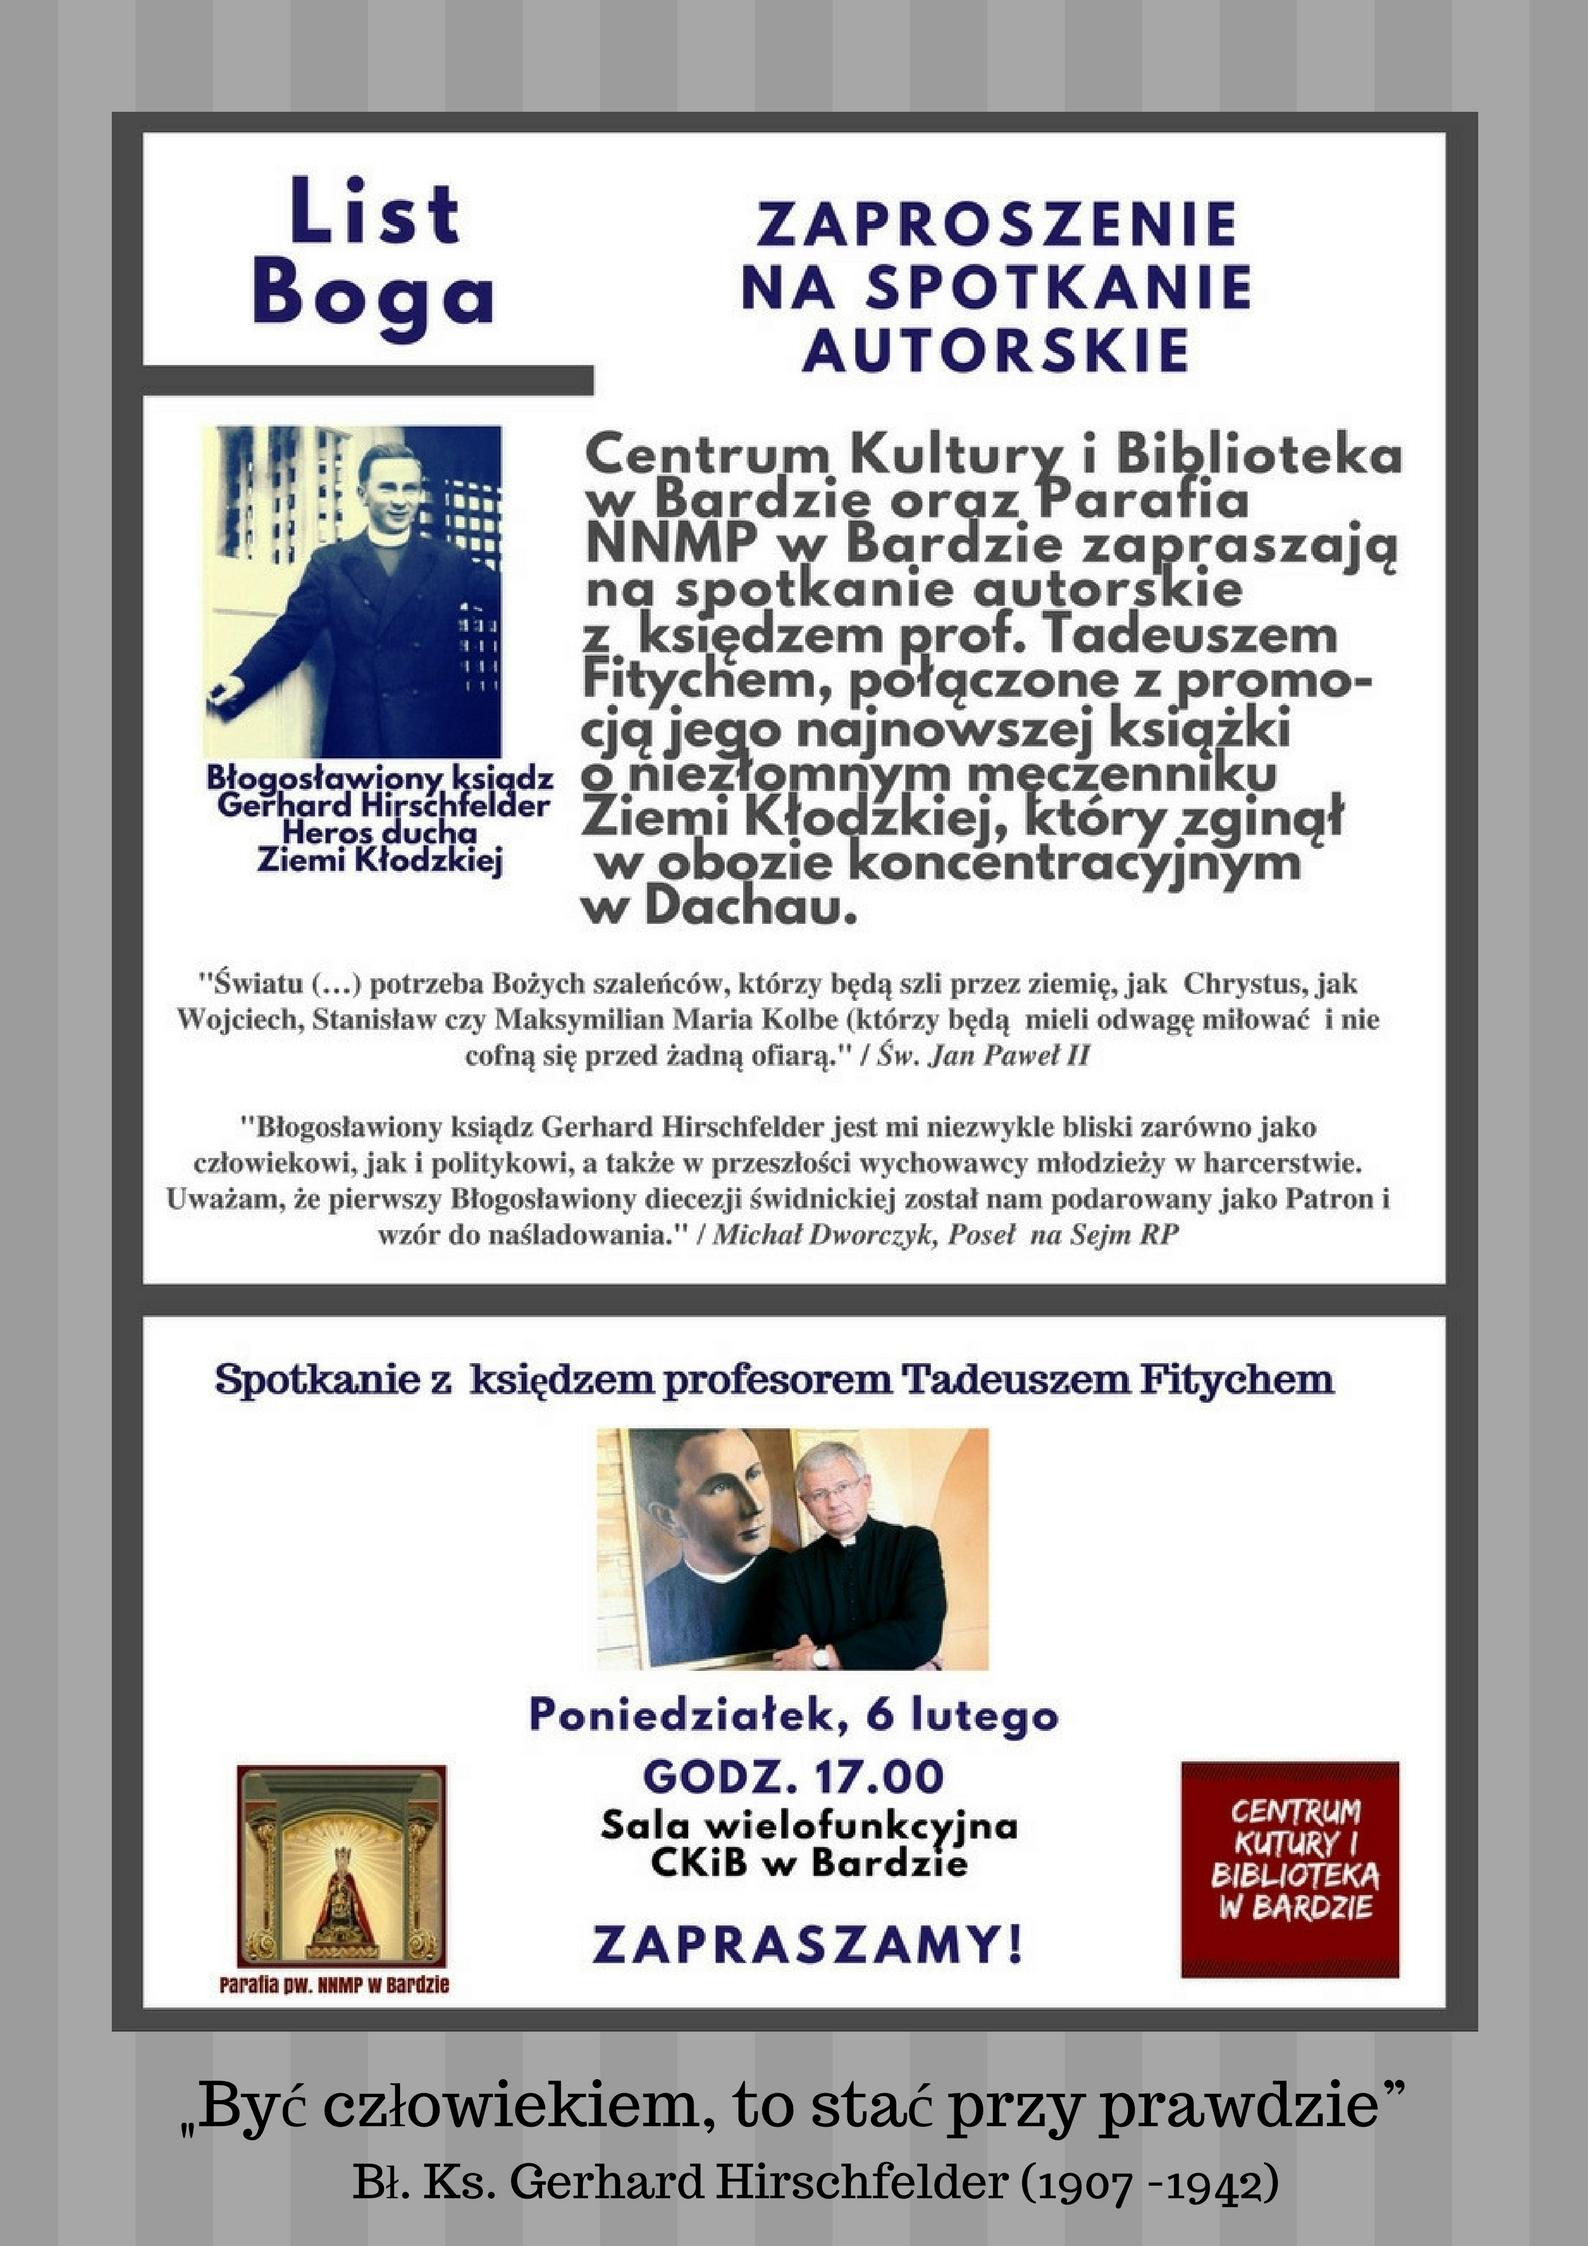 Plakat o spotkaniu z ks. Fitychem na stronę